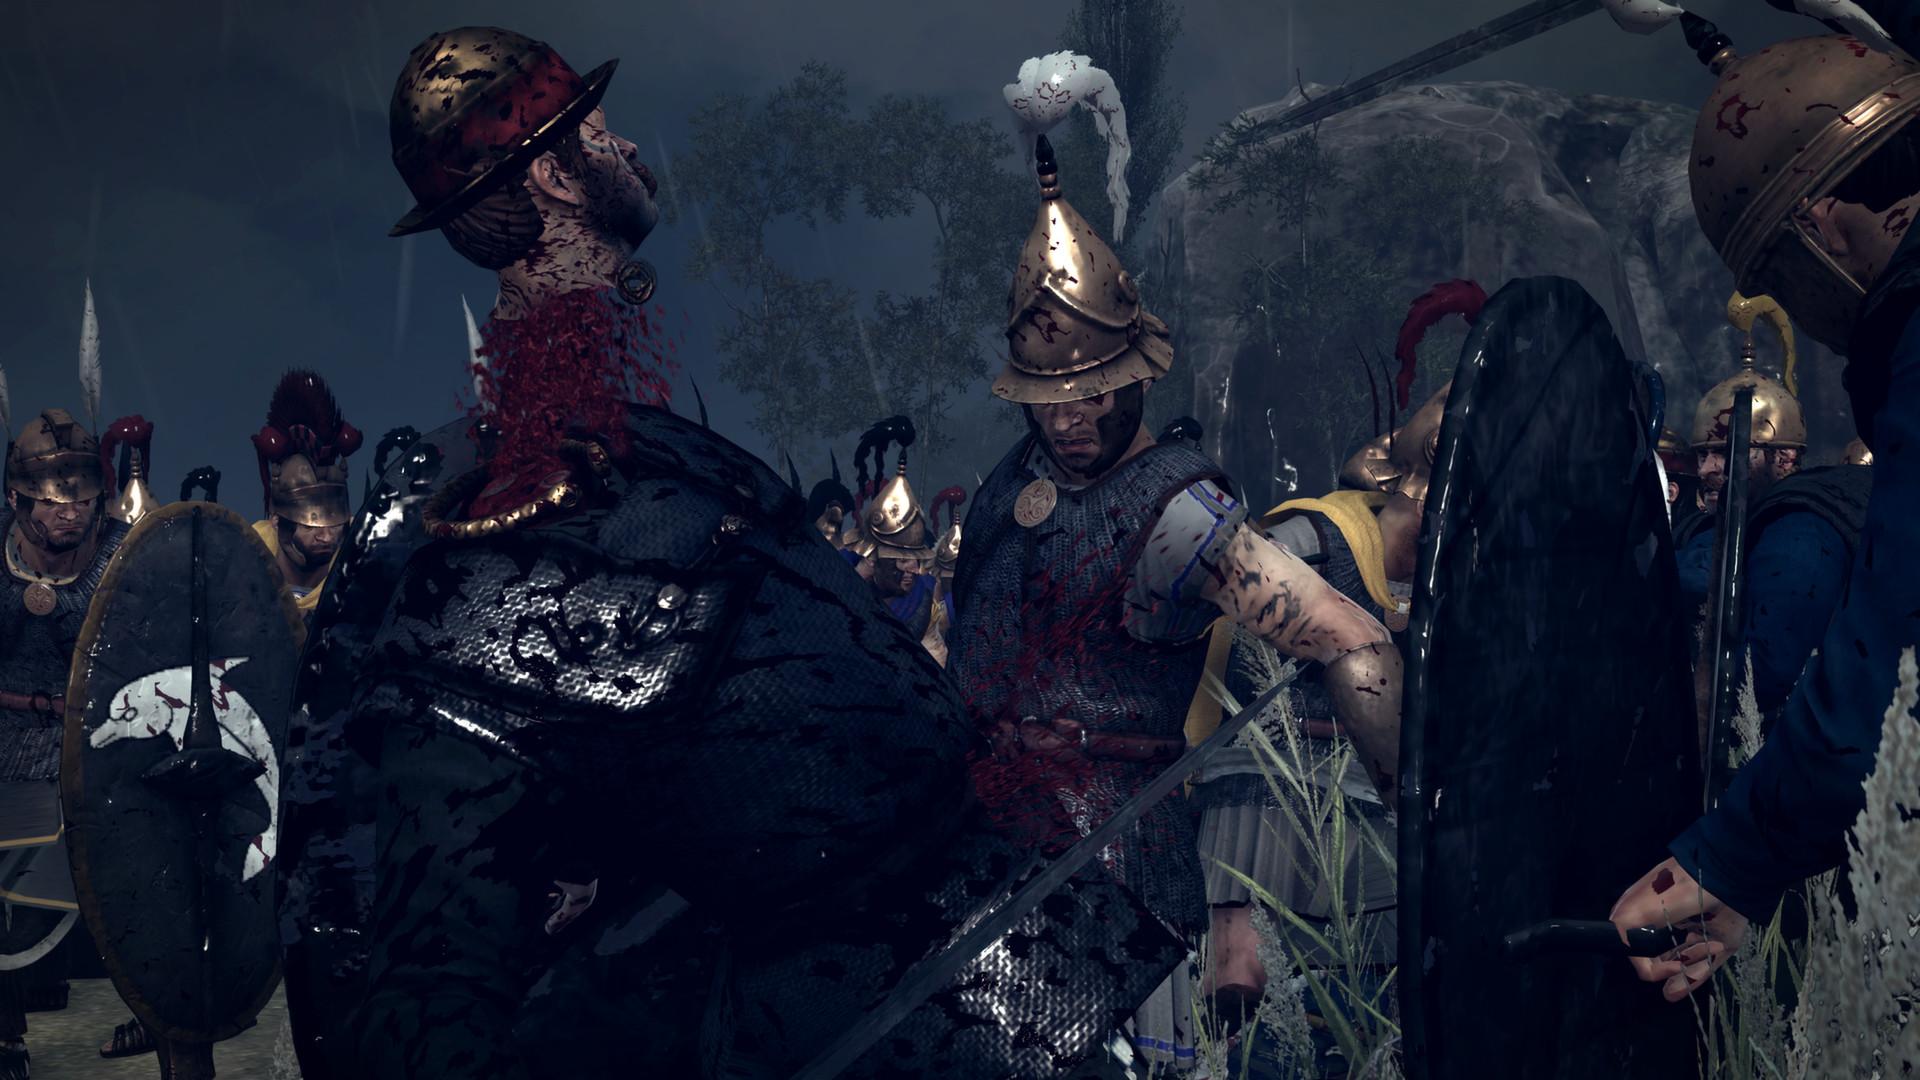 Krev, useknuté hlavy a končetiny v Total War: Rome 2 díky novému DLC 89483